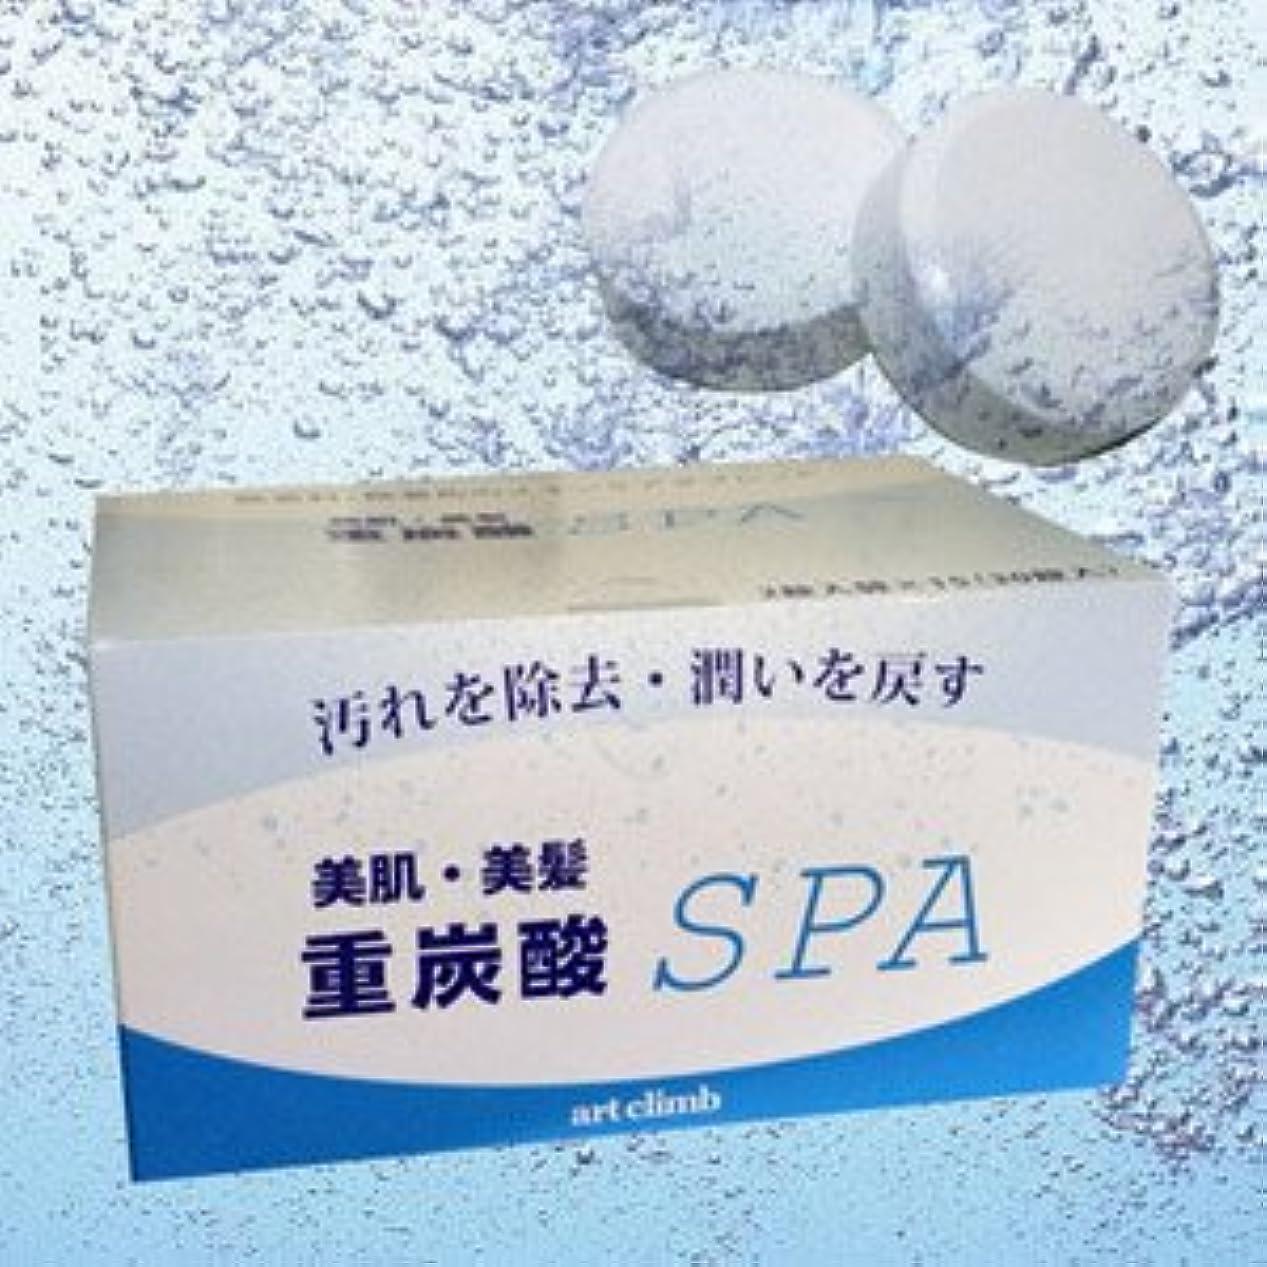 進捗メモほめる炭酸泉タブレット 重炭酸SPA 16g x 36錠入り